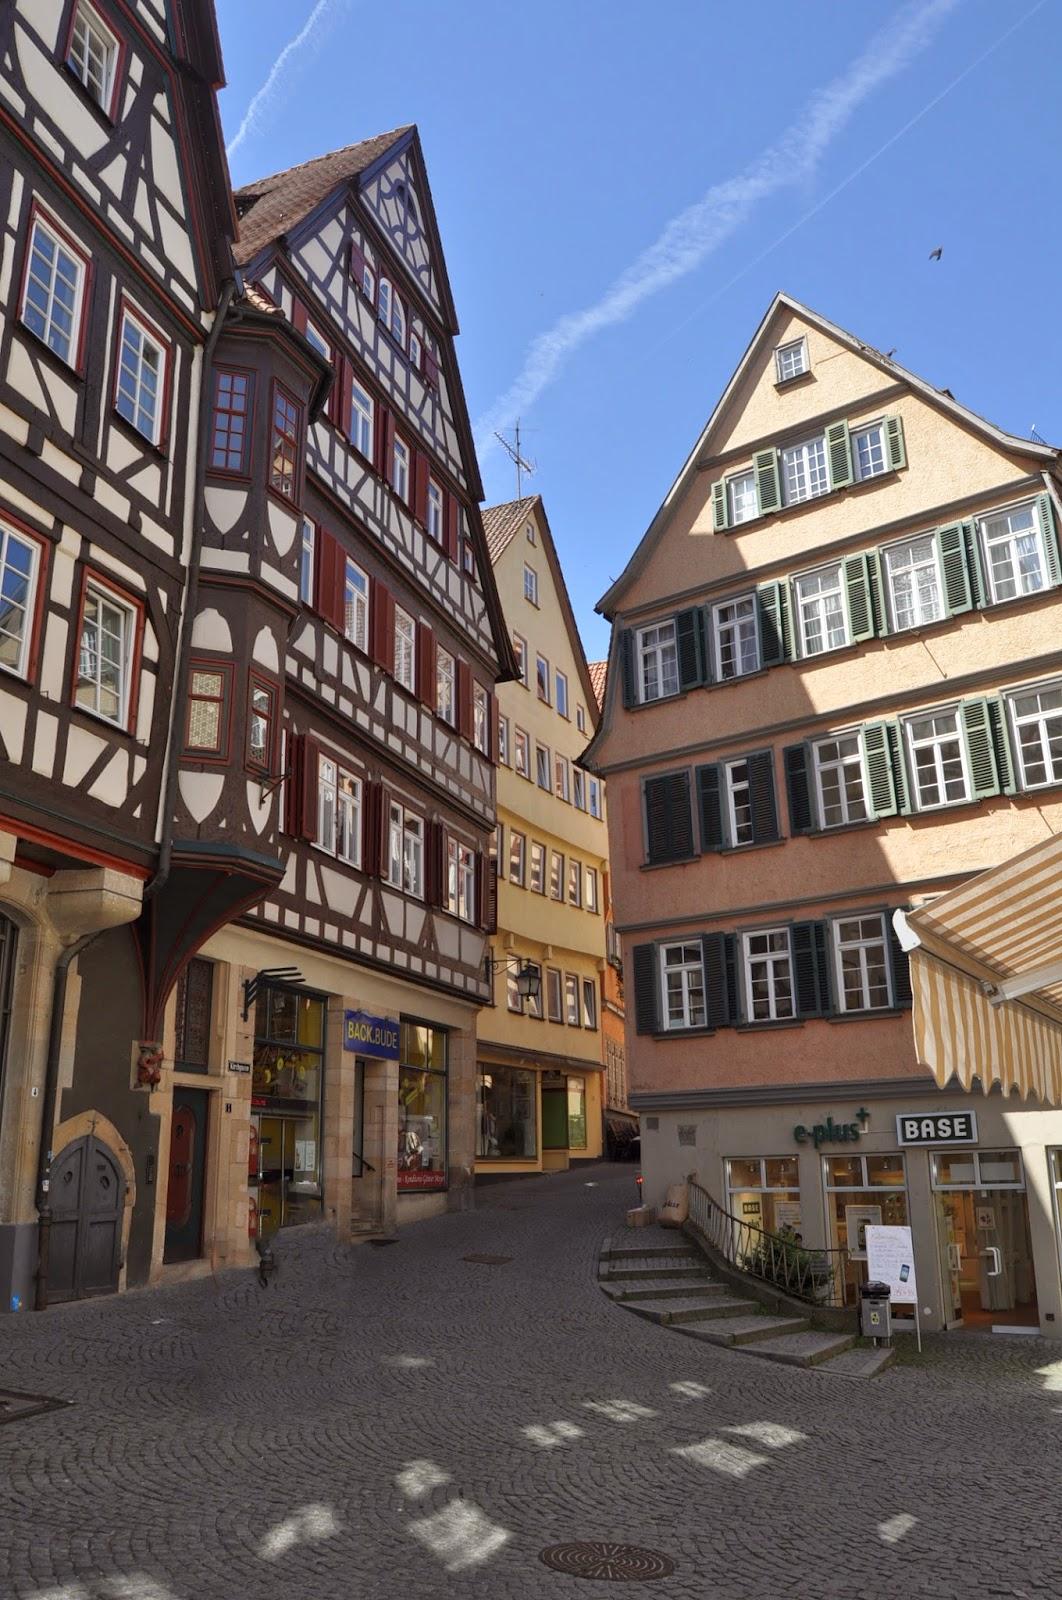 Fotos de calle tipica de Tubingen